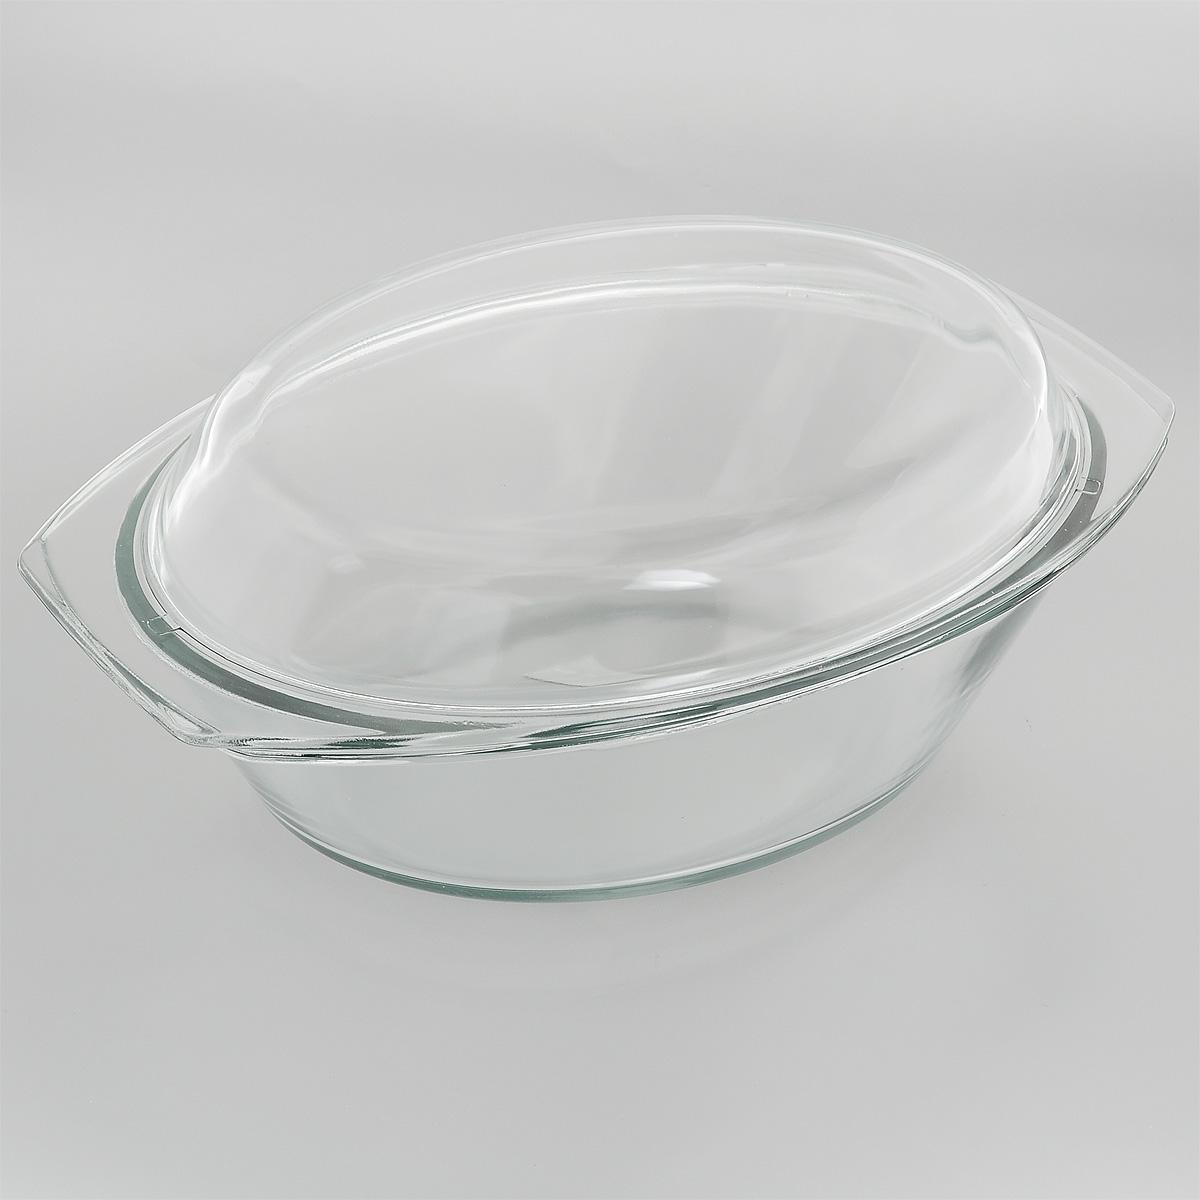 Утятница Mijotex с крышкой, 3 лPL18Утятница Mijotex выполнена из жаропрочного стекла. Форма не вступает в реакцию с готовящейся пищей, а потому не выделяет никаких вредных веществ, не подвергается воздействию кислот и солей. Стеклянная посуда очень удобна для приготовления и подачи самых разнообразных блюд. Стекло выдерживает температуру от - 40°C до +400°C. Благодаря прозрачности стекла, за едой можно наблюдать при ее приготовлении, еду можно видеть при подаче, хранении. Используя эту форму, вы можете, как приготовить пищу, так и изящно подать ее к столу, не меняя посуды. Крышка выполнена из стекла и может быть использована также отдельно для приготовления и подачи различных блюд.Форма может быть использована в духовке, микроволновой печи и морозильной камере. Можно мыть в посудомоечной машине.Размер утятницы: 34 см х 20,5 см х 9 см.Размер крышки: 35 см х 21 см х 4,5 см.Высота утятницы (с учетом крышки): 13 см.